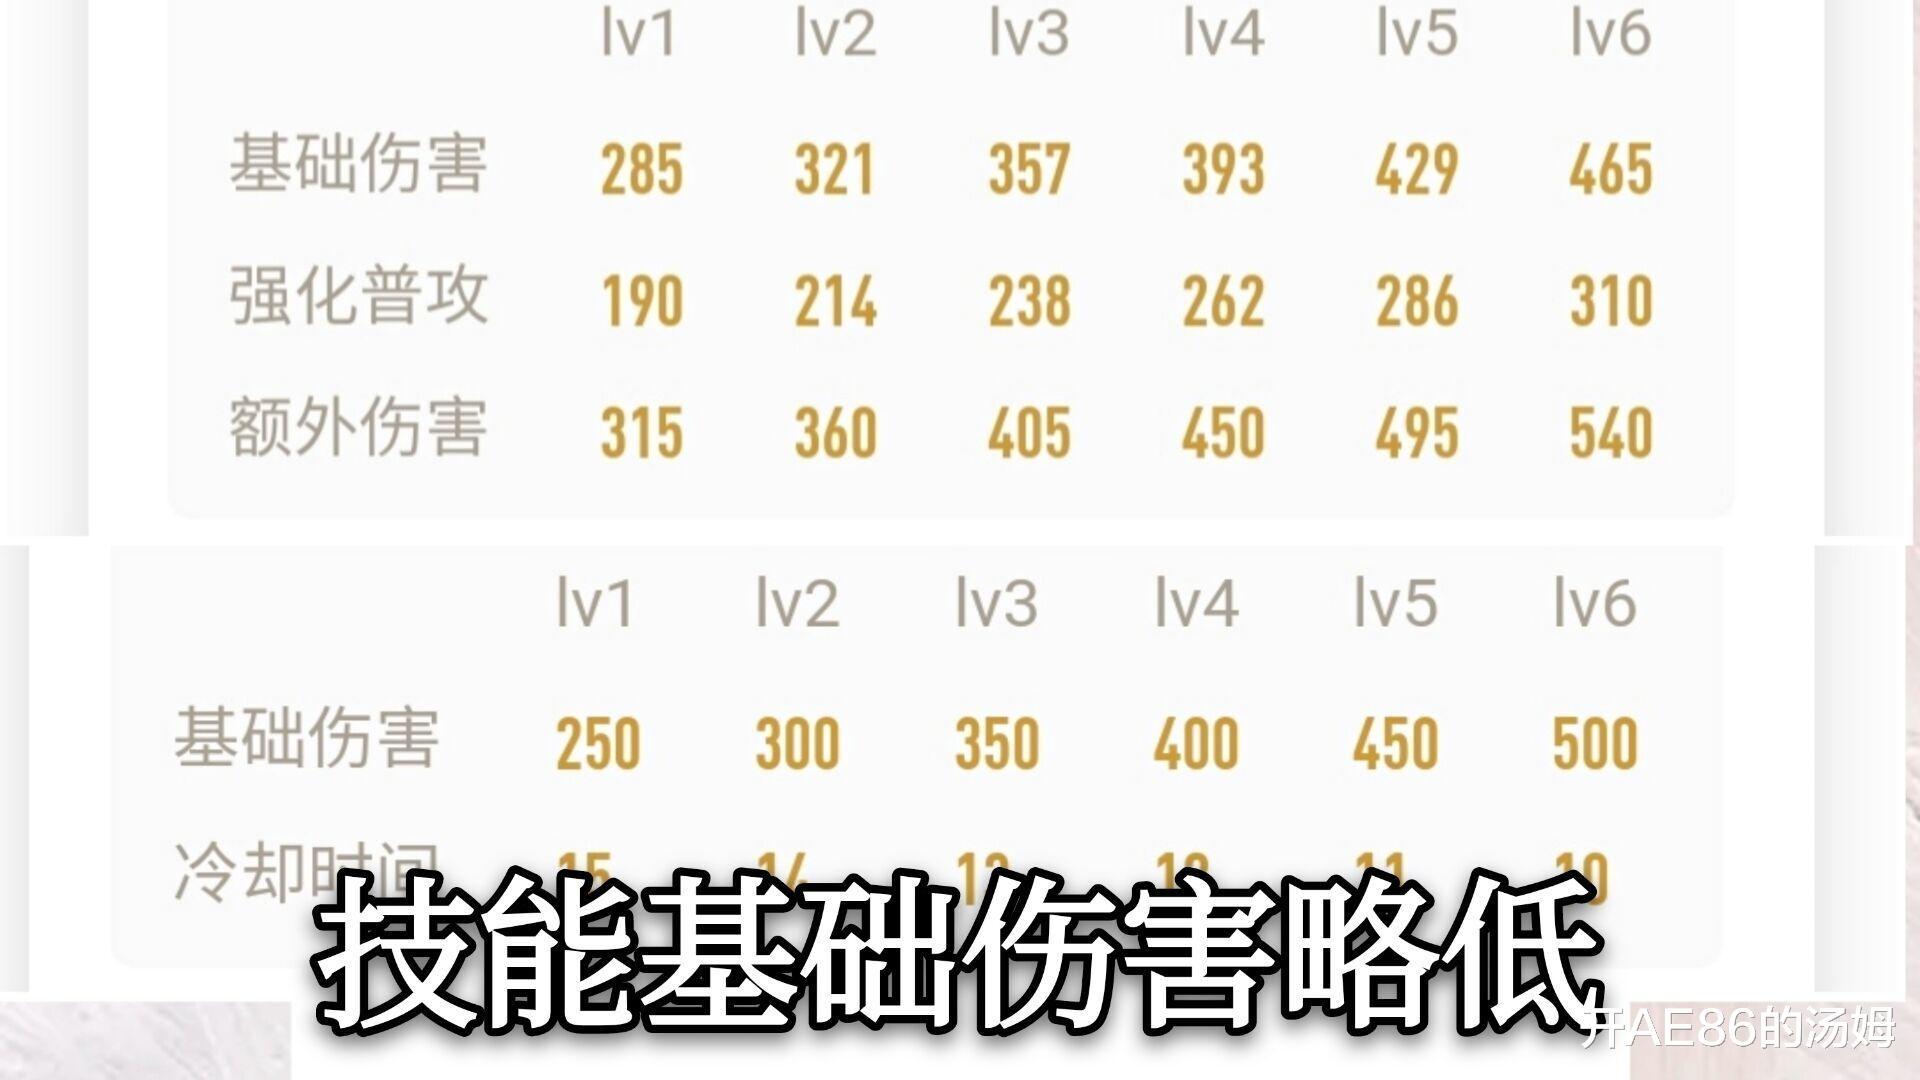 《【煜星娱乐app登录】王者荣耀:杨玉环伤害虽低,但千里之堤也能溃于蚁穴》